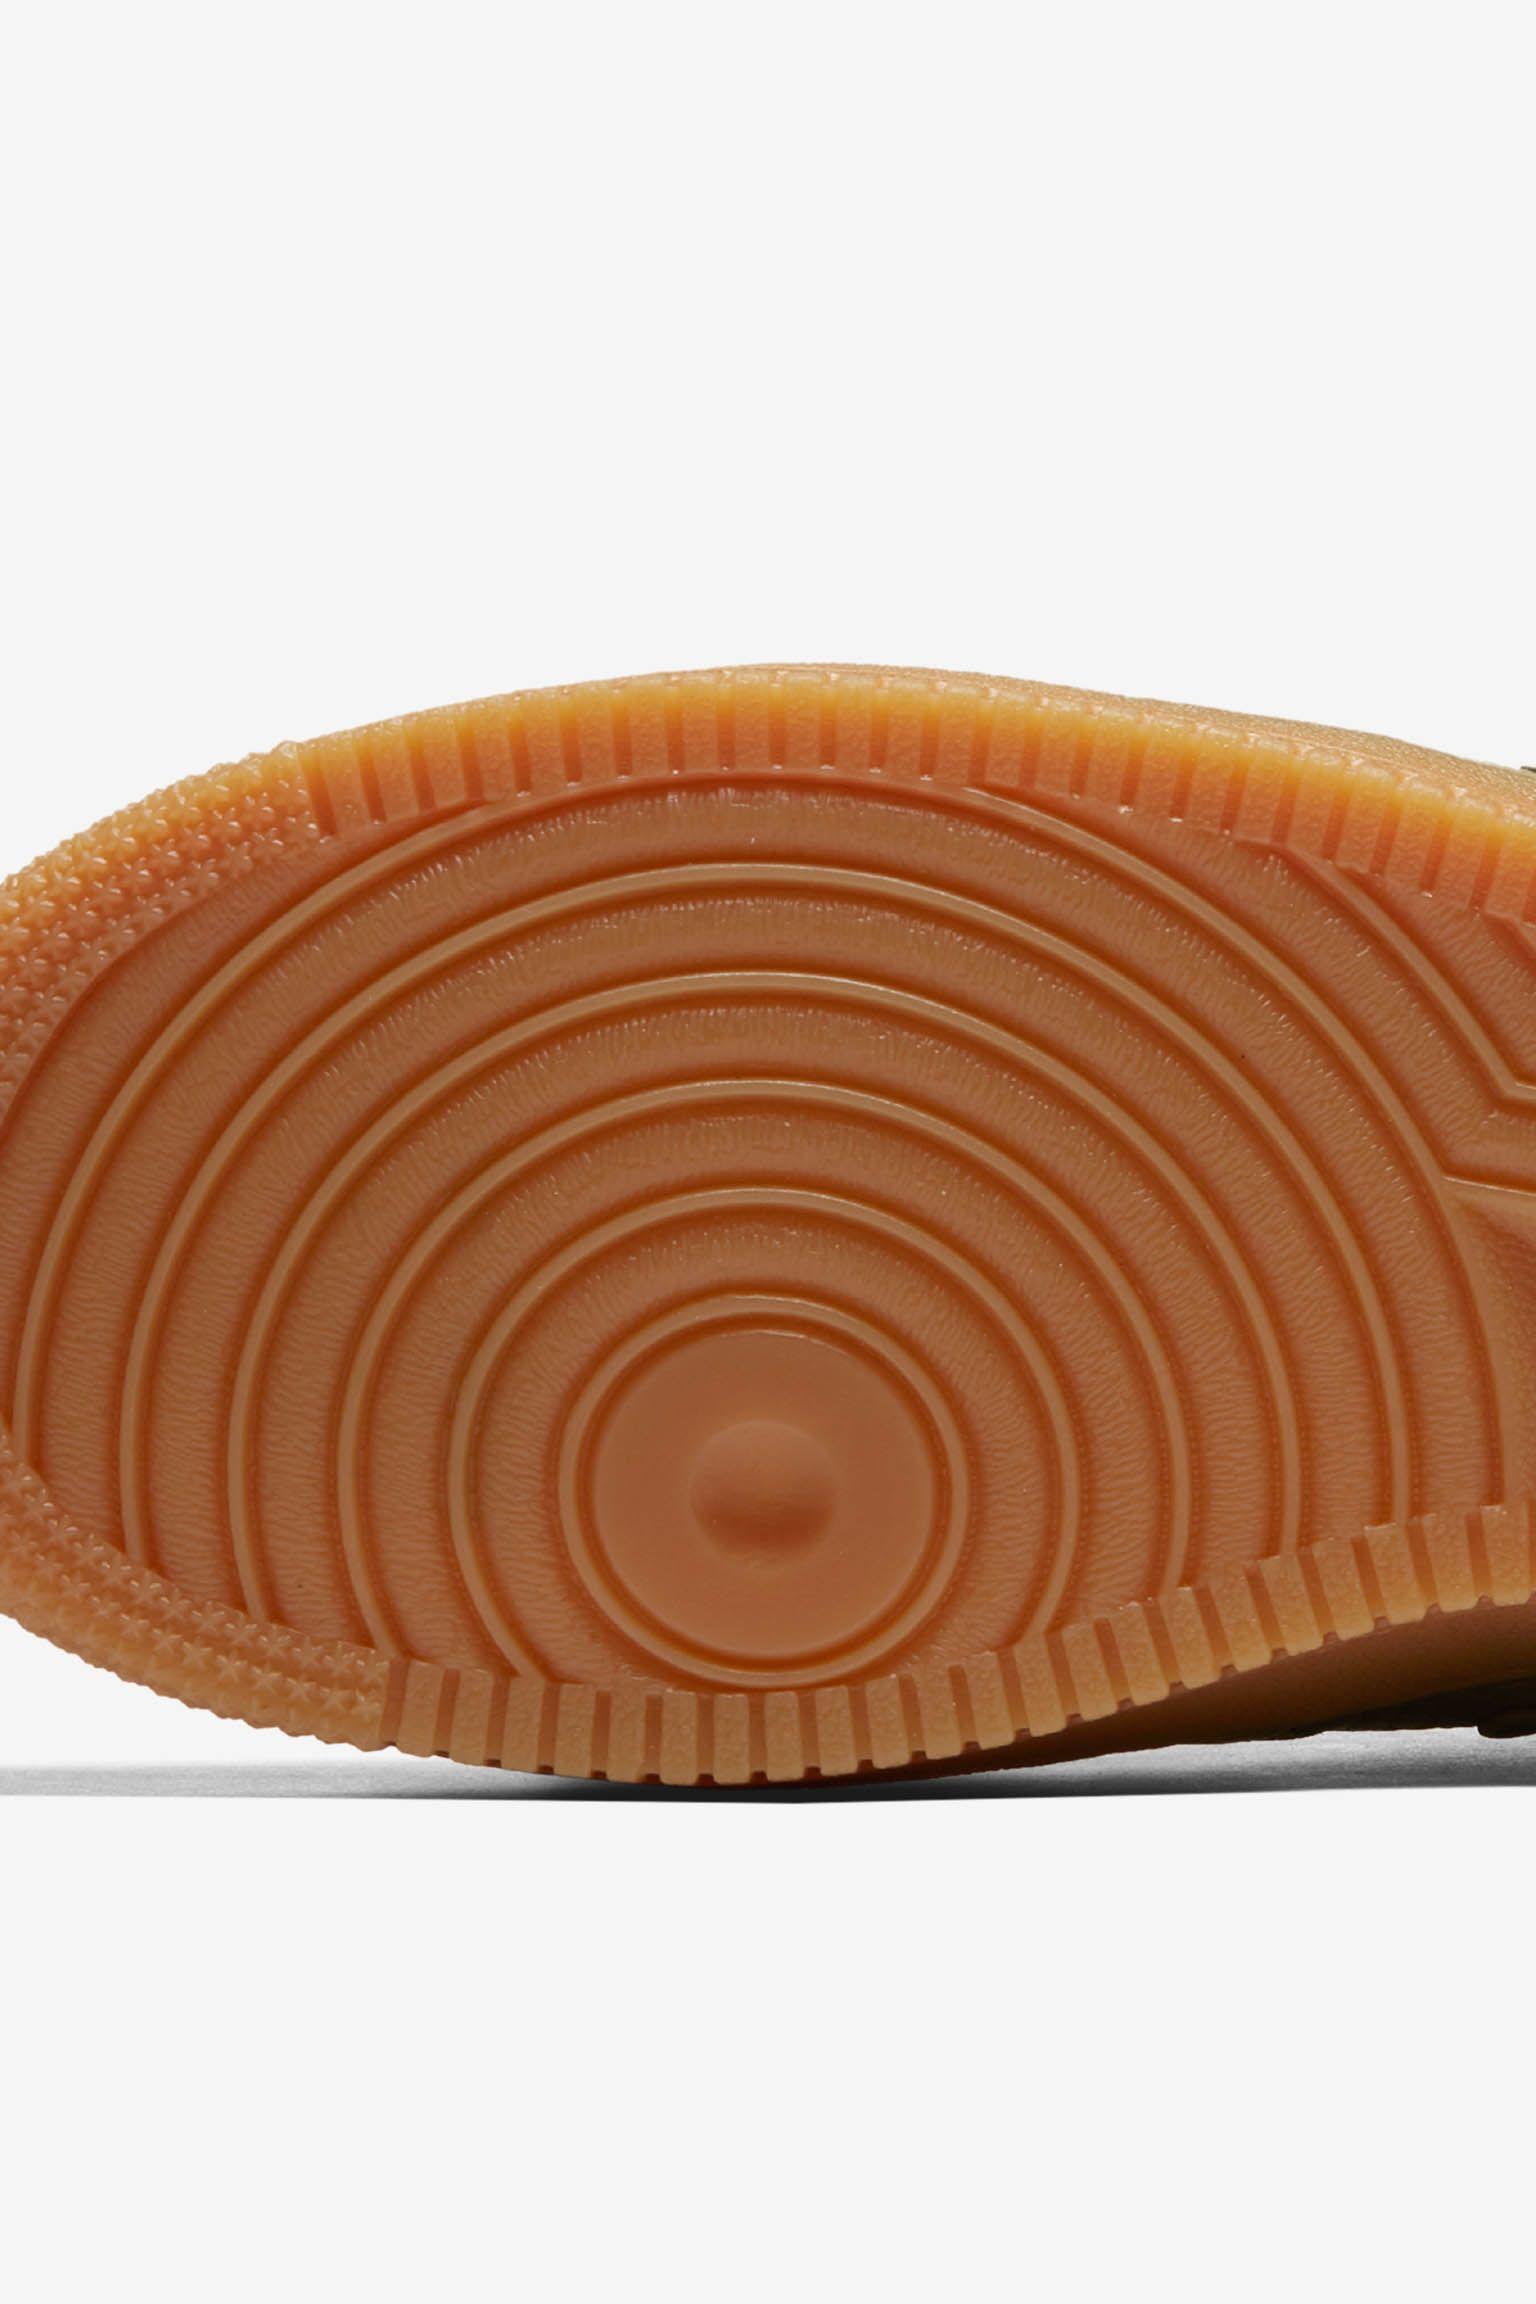 女款 Nike SF AF-1 Mid 'Dark Stucco & Gum Light Brown' 发布日期